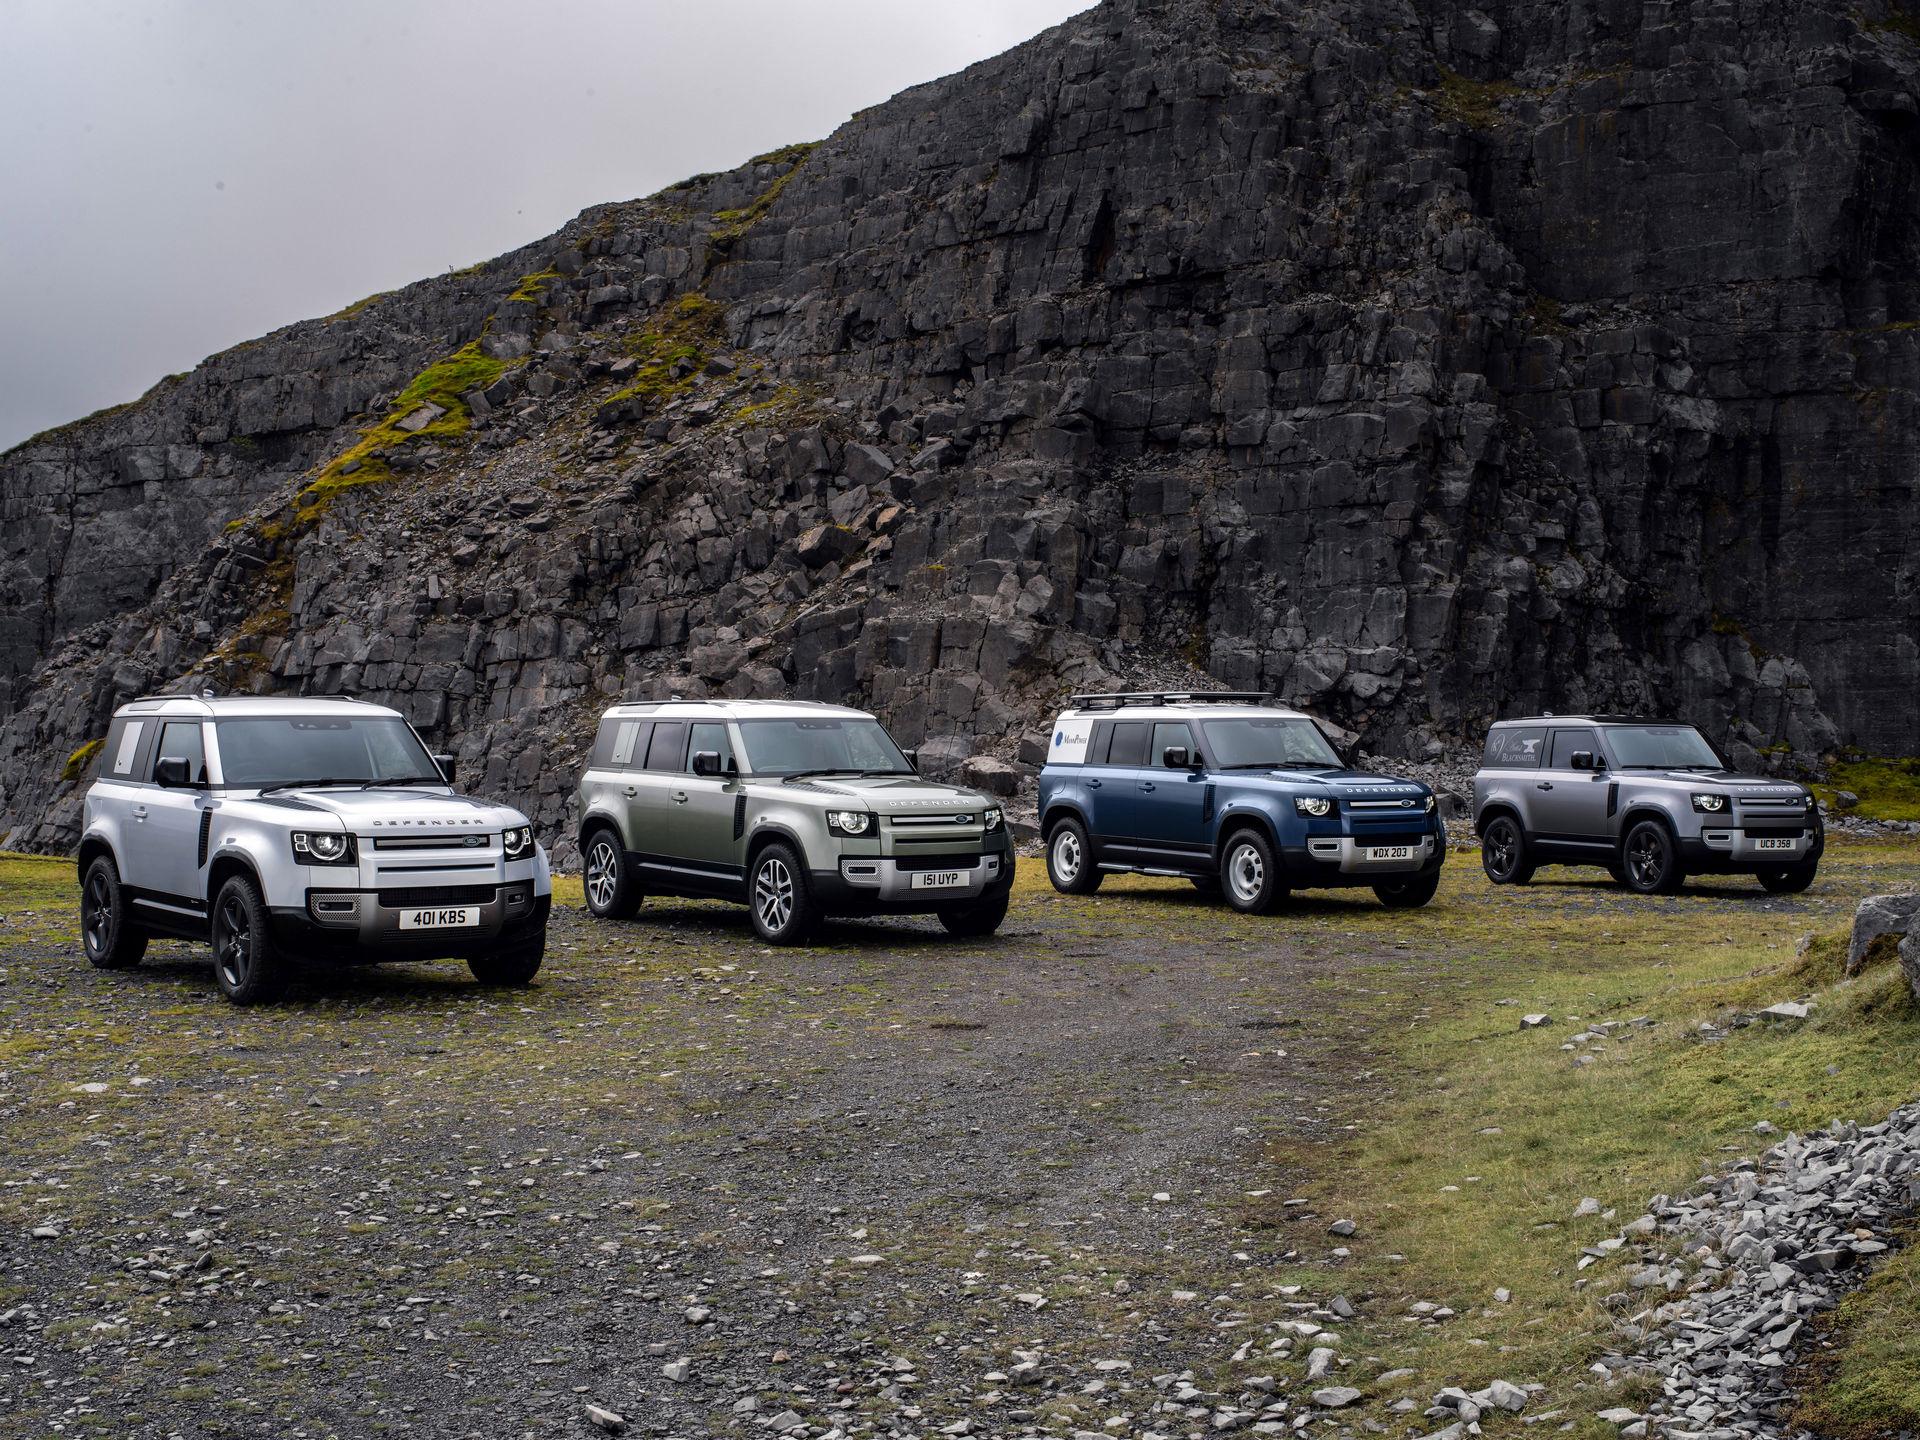 Новый Land Rover Defender вышел на европейский рынок весной нынешнего года, но производитель уже начал модернизировать гамму: внедорожник получил несколько недоступных ранее модификаций.